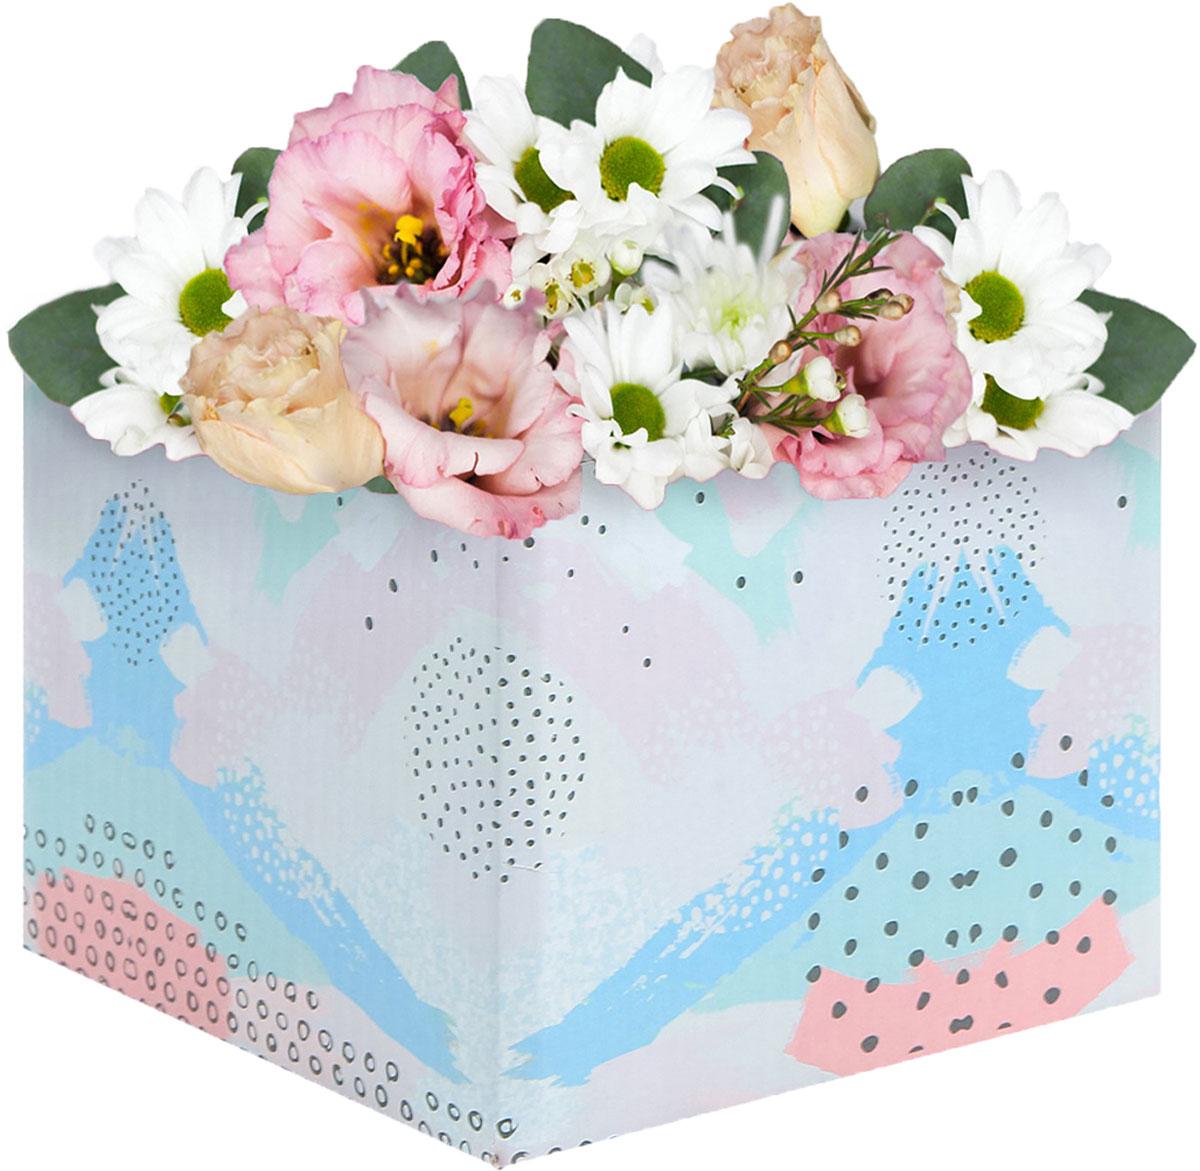 Коробка подарочная Дарите Счастье Яркость, складная, 10 х 10 х 12 см коробка складная дарите счастье снегири на санях цвет синий красный 23 5 х 14 5 х 18 см